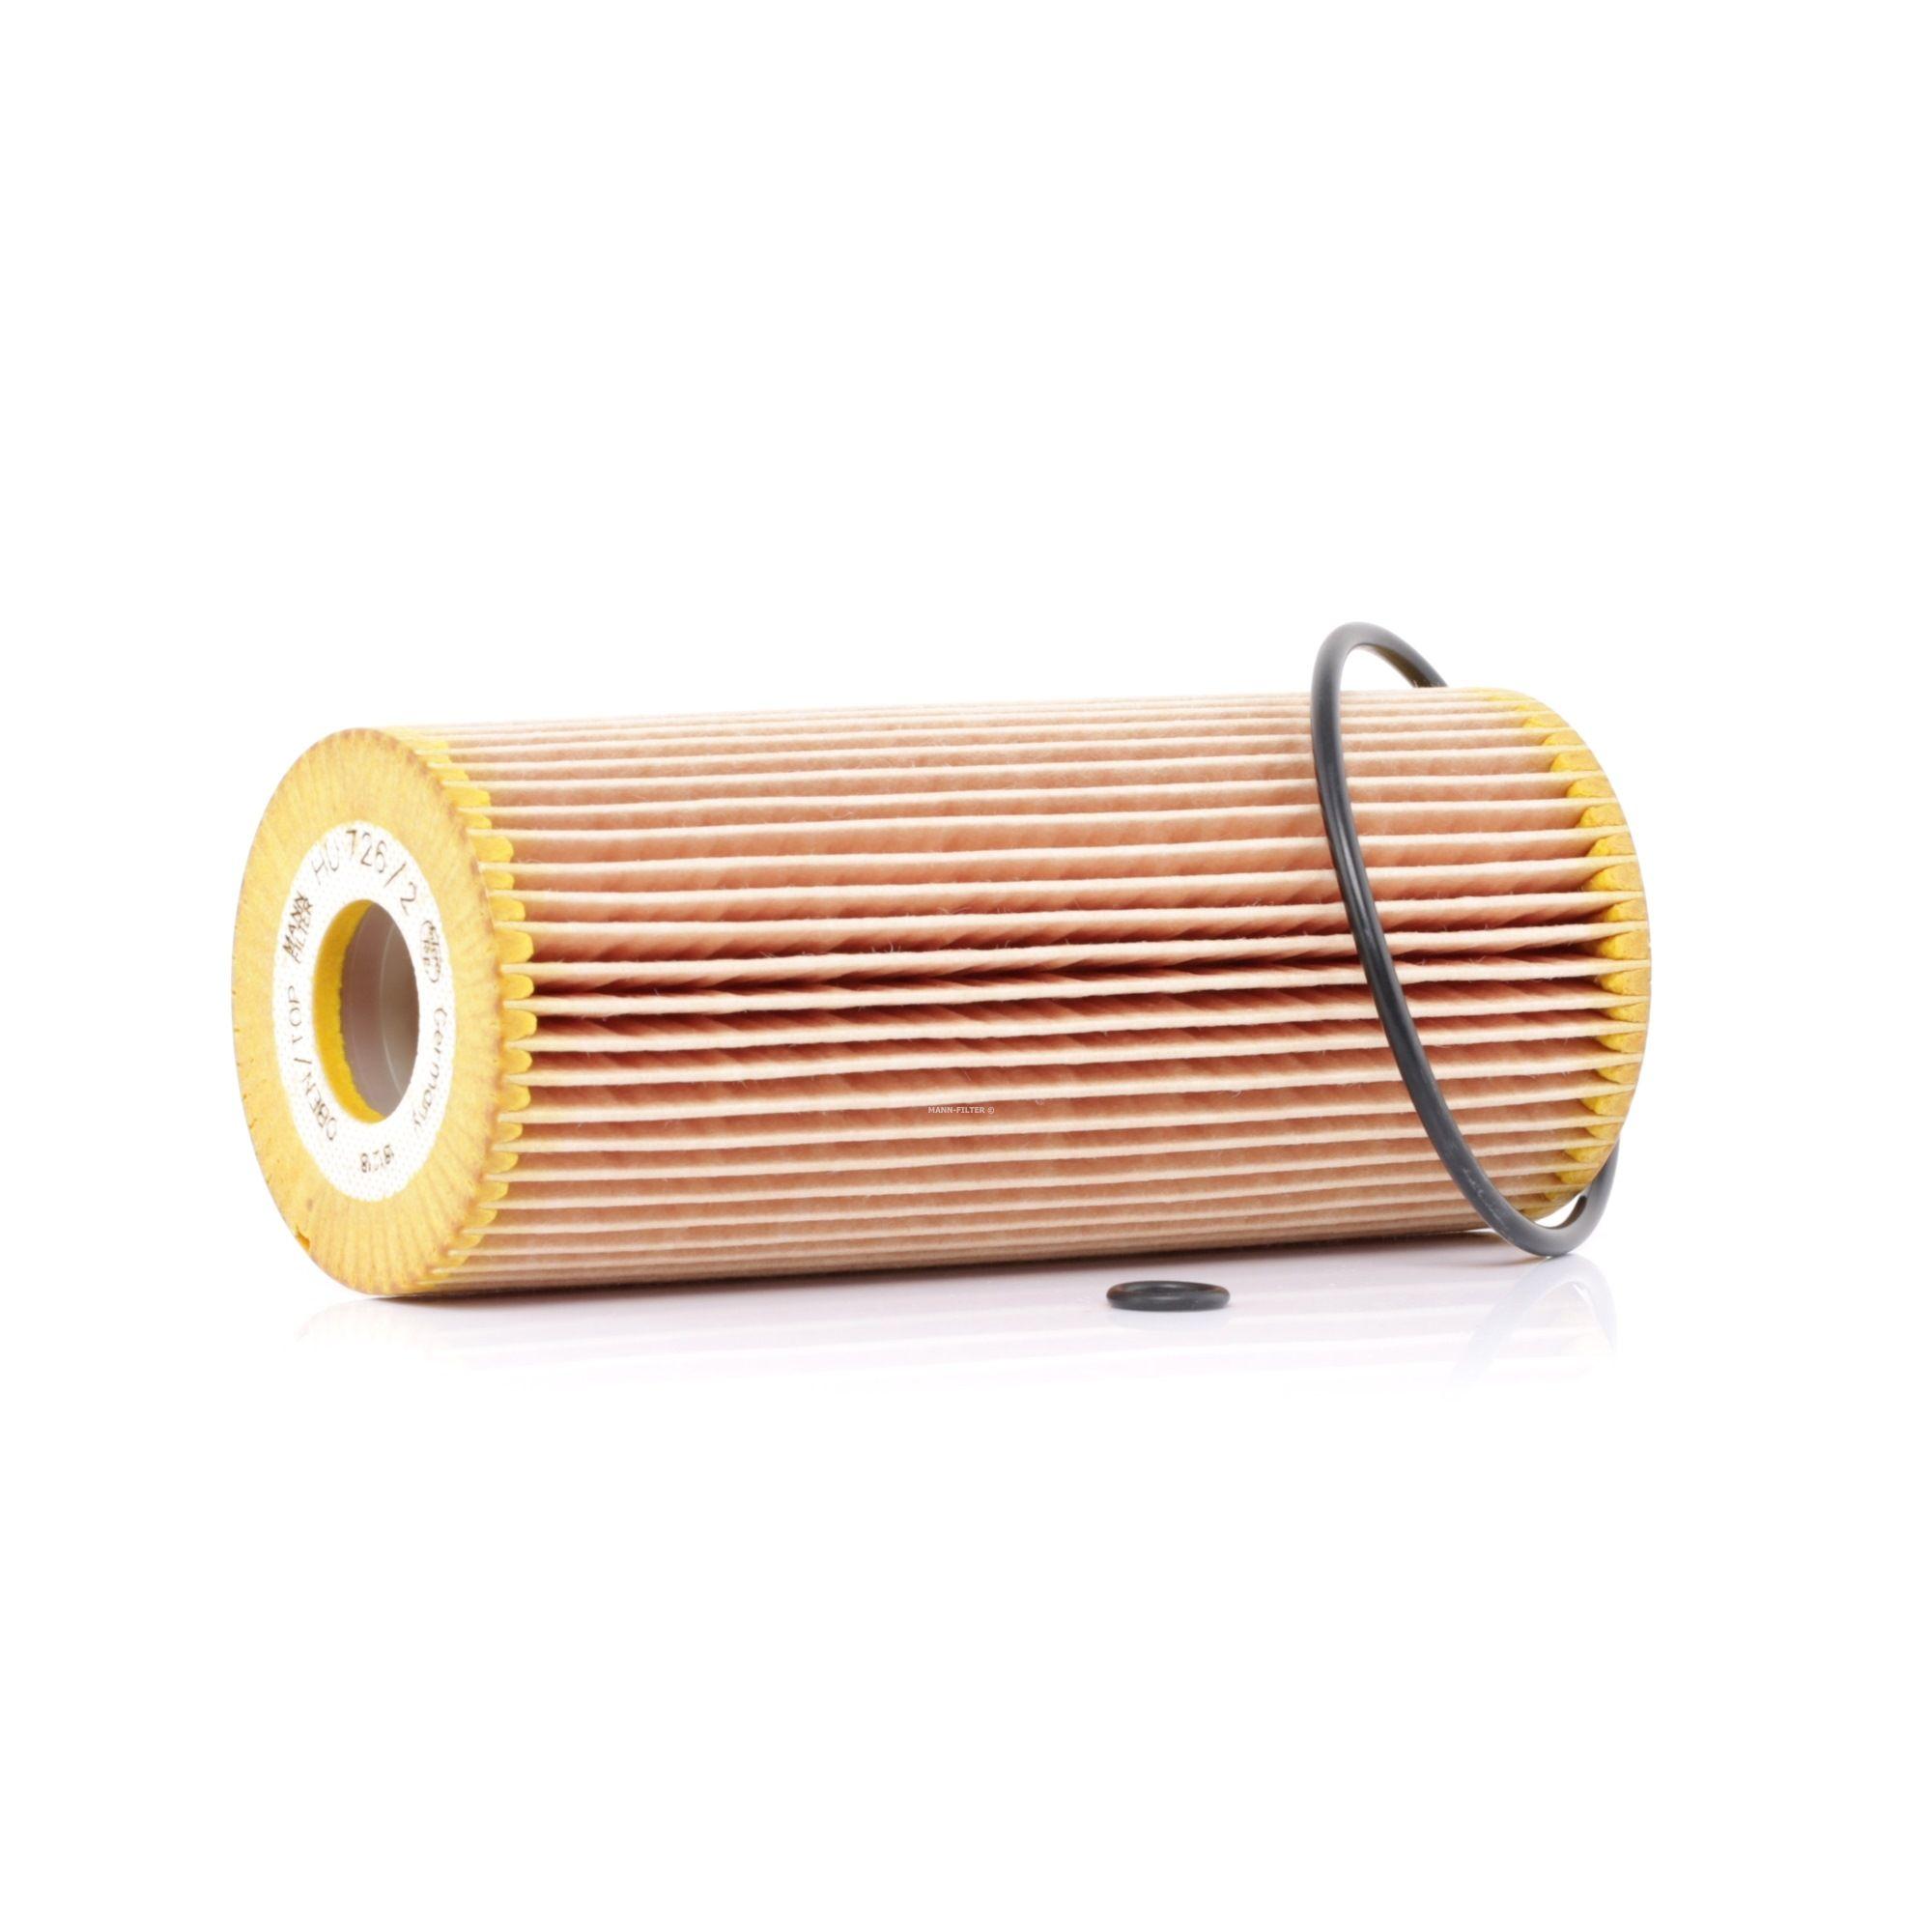 Eļļas filtrs HU 726/2 x par FORD zemas cenas - Iepirkties tagad!